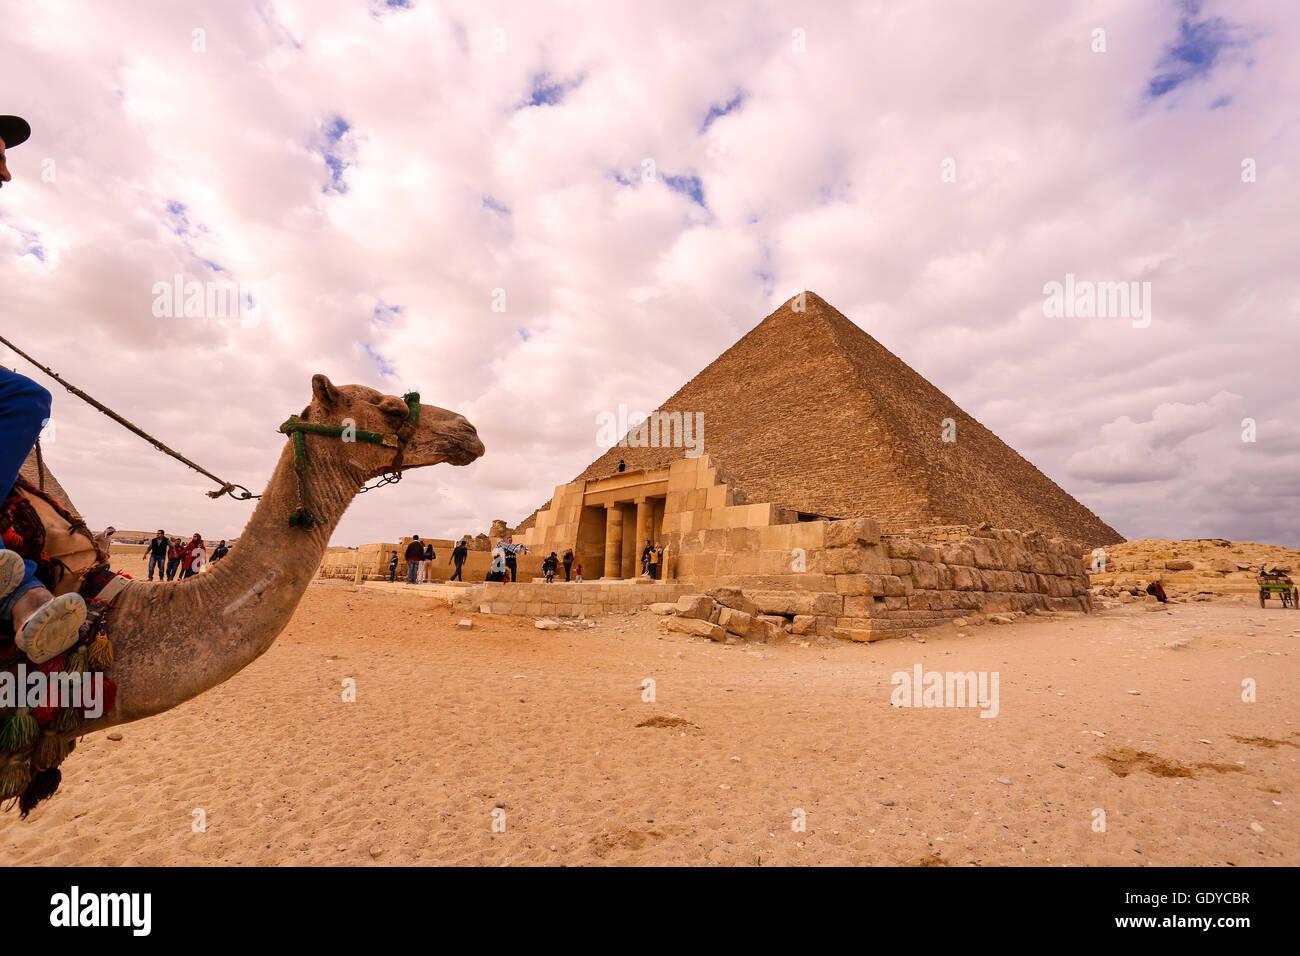 Camel y conductor en las Pirámides de Giza, en El Cairo, Egipto Imagen De Stock